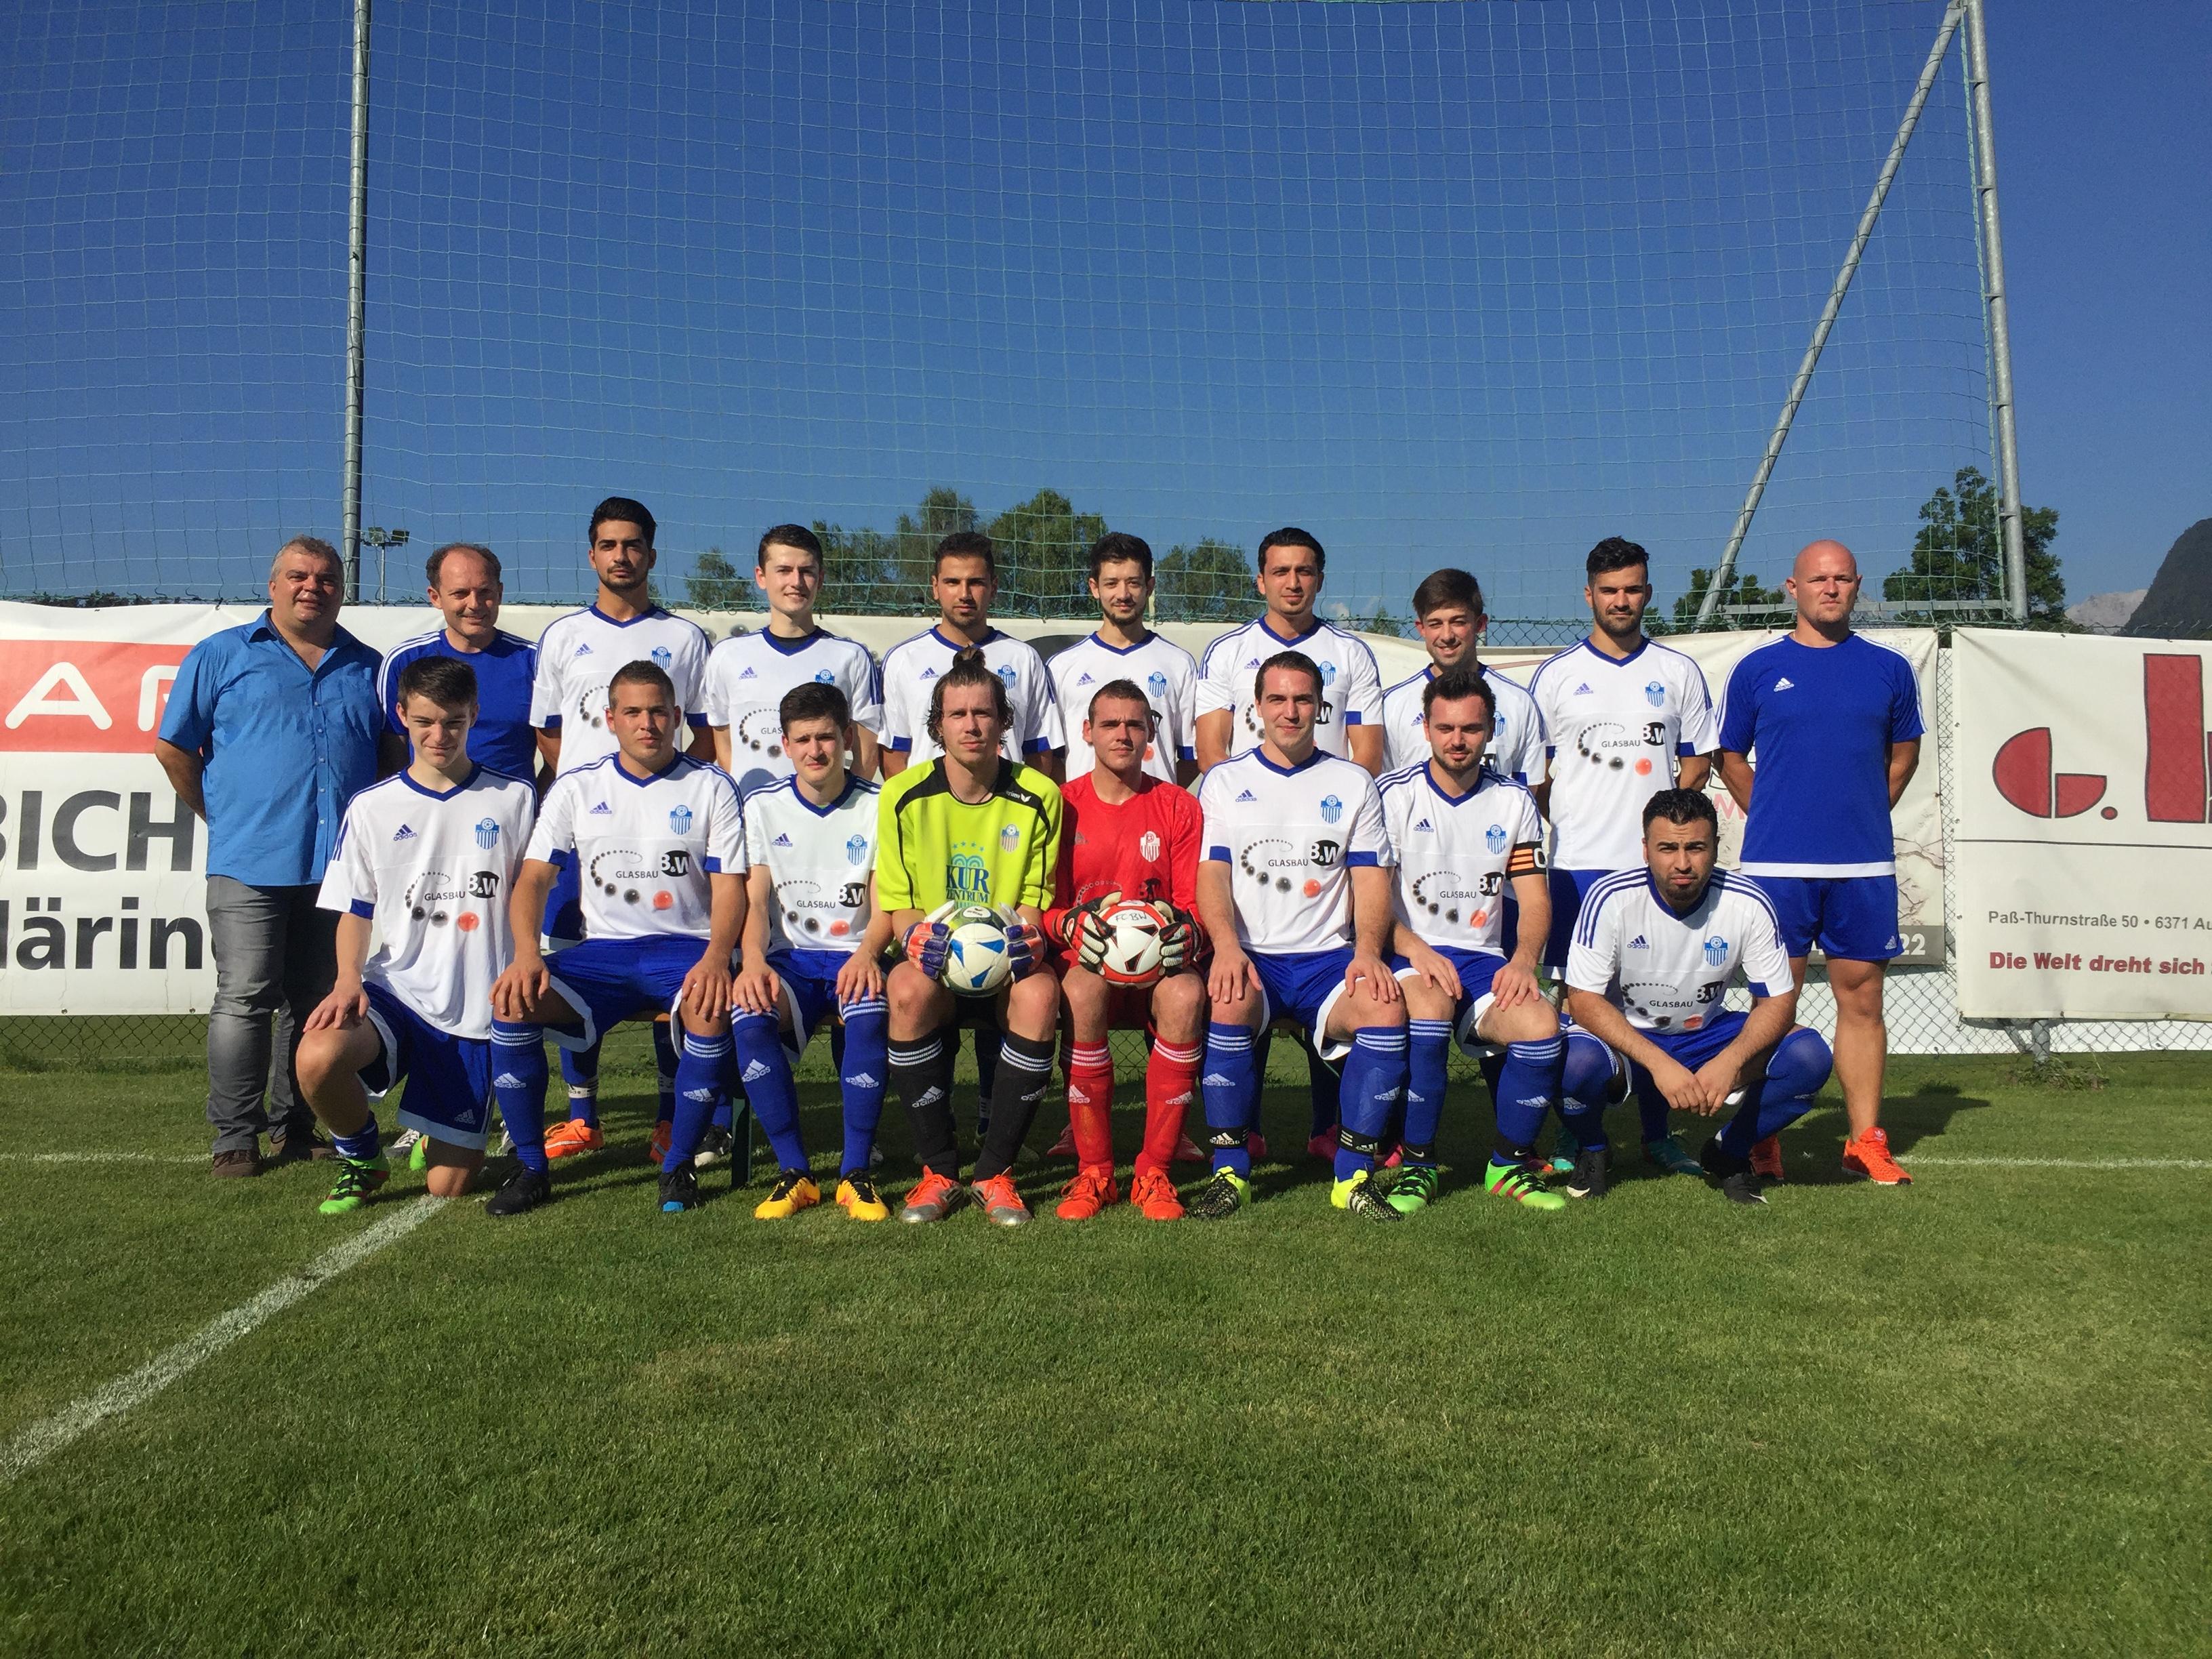 FC Bad Häring: Neue Dress für die Kampfmannschaft